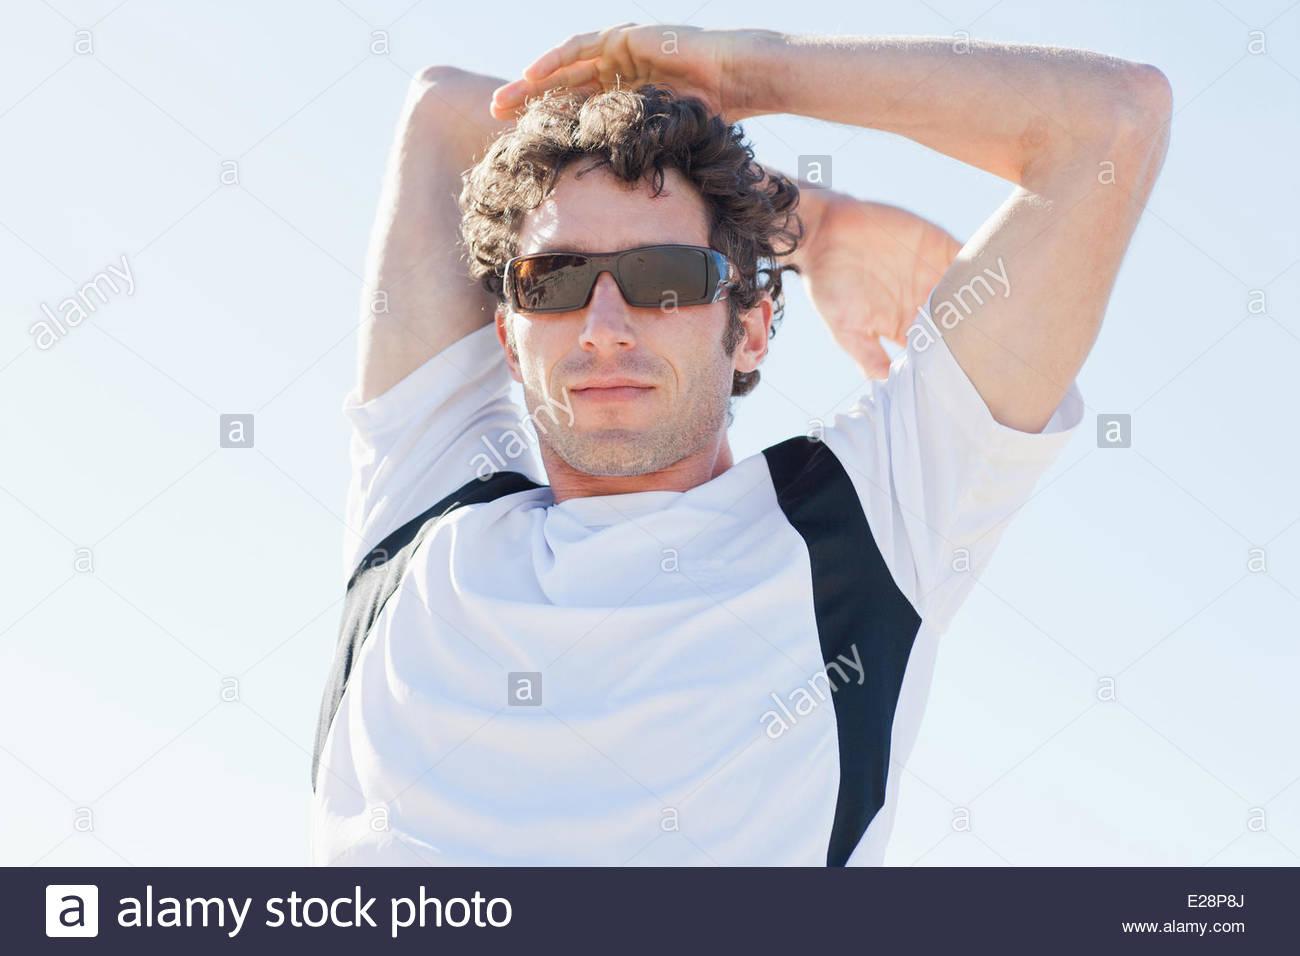 Hombre en ropa deportiva Imagen De Stock